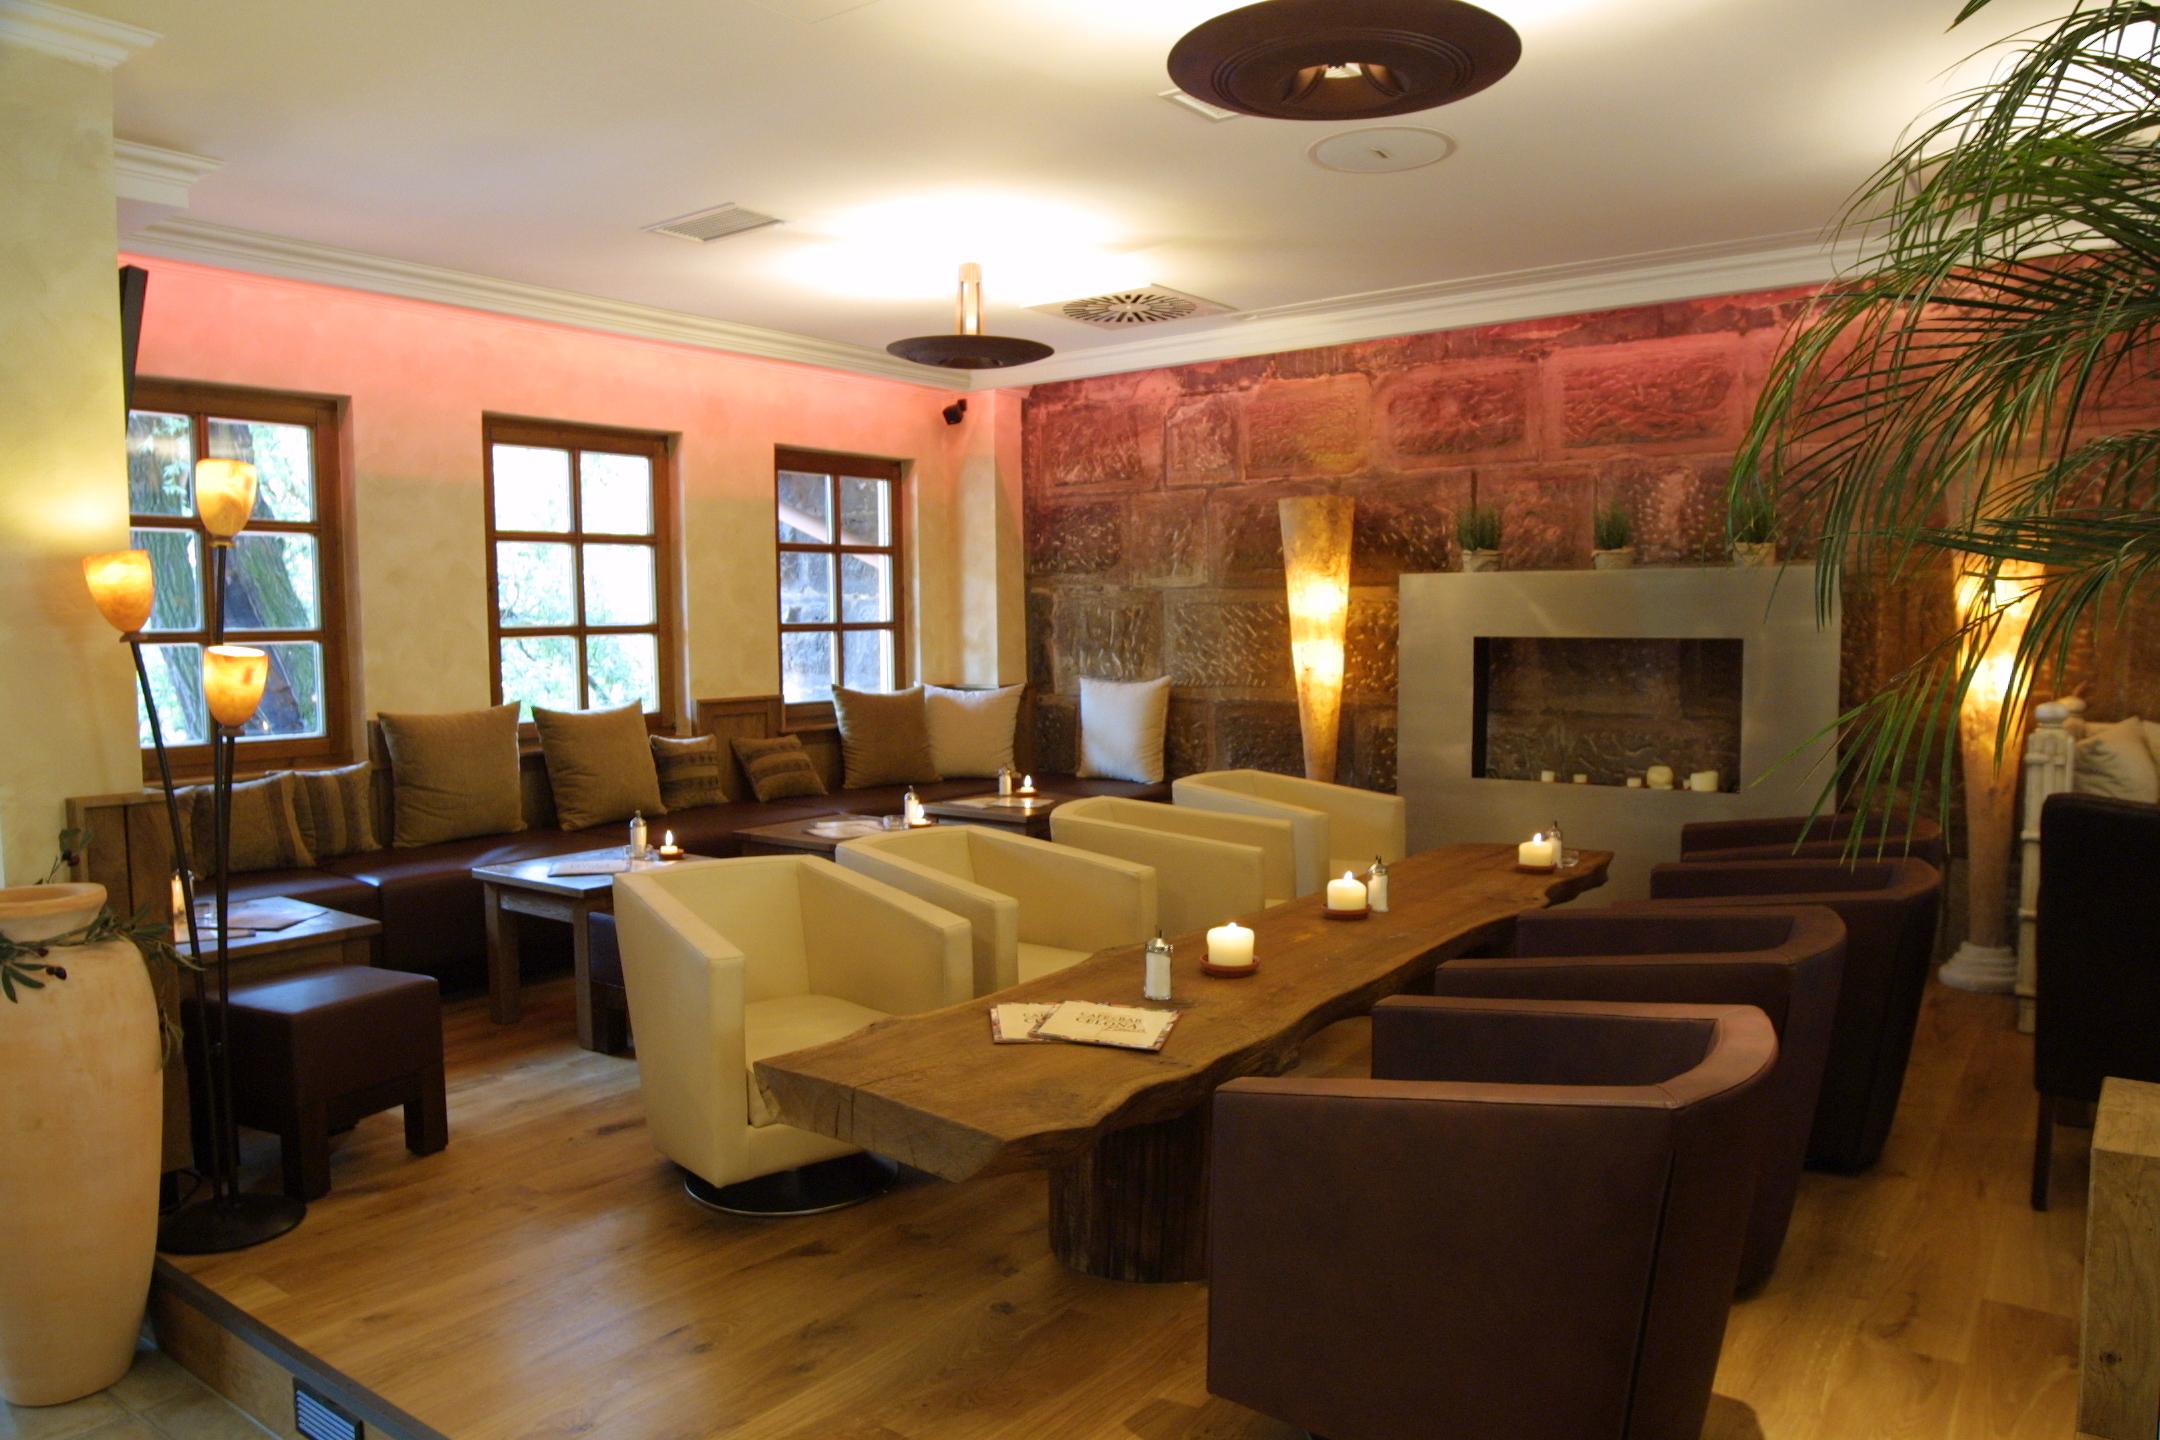 finca bar celona n rnberg cafe bar celona. Black Bedroom Furniture Sets. Home Design Ideas